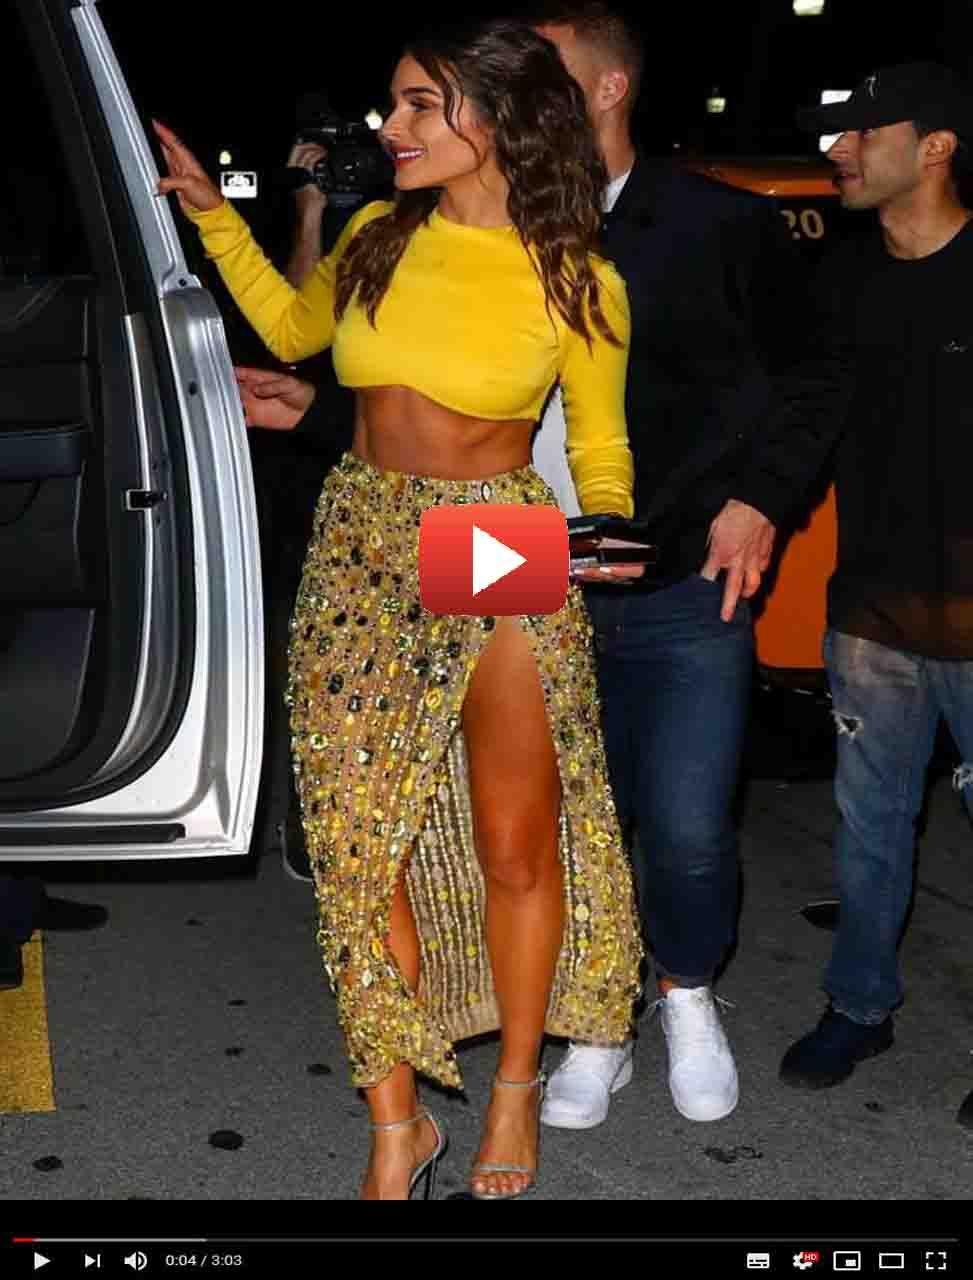 Olivia Culpo With Her Boyfriend Christian Mccaffrey Enjoy A Miami Date Night In 2020 Womens Fashion Wear Christian Mccaffrey Celebrities